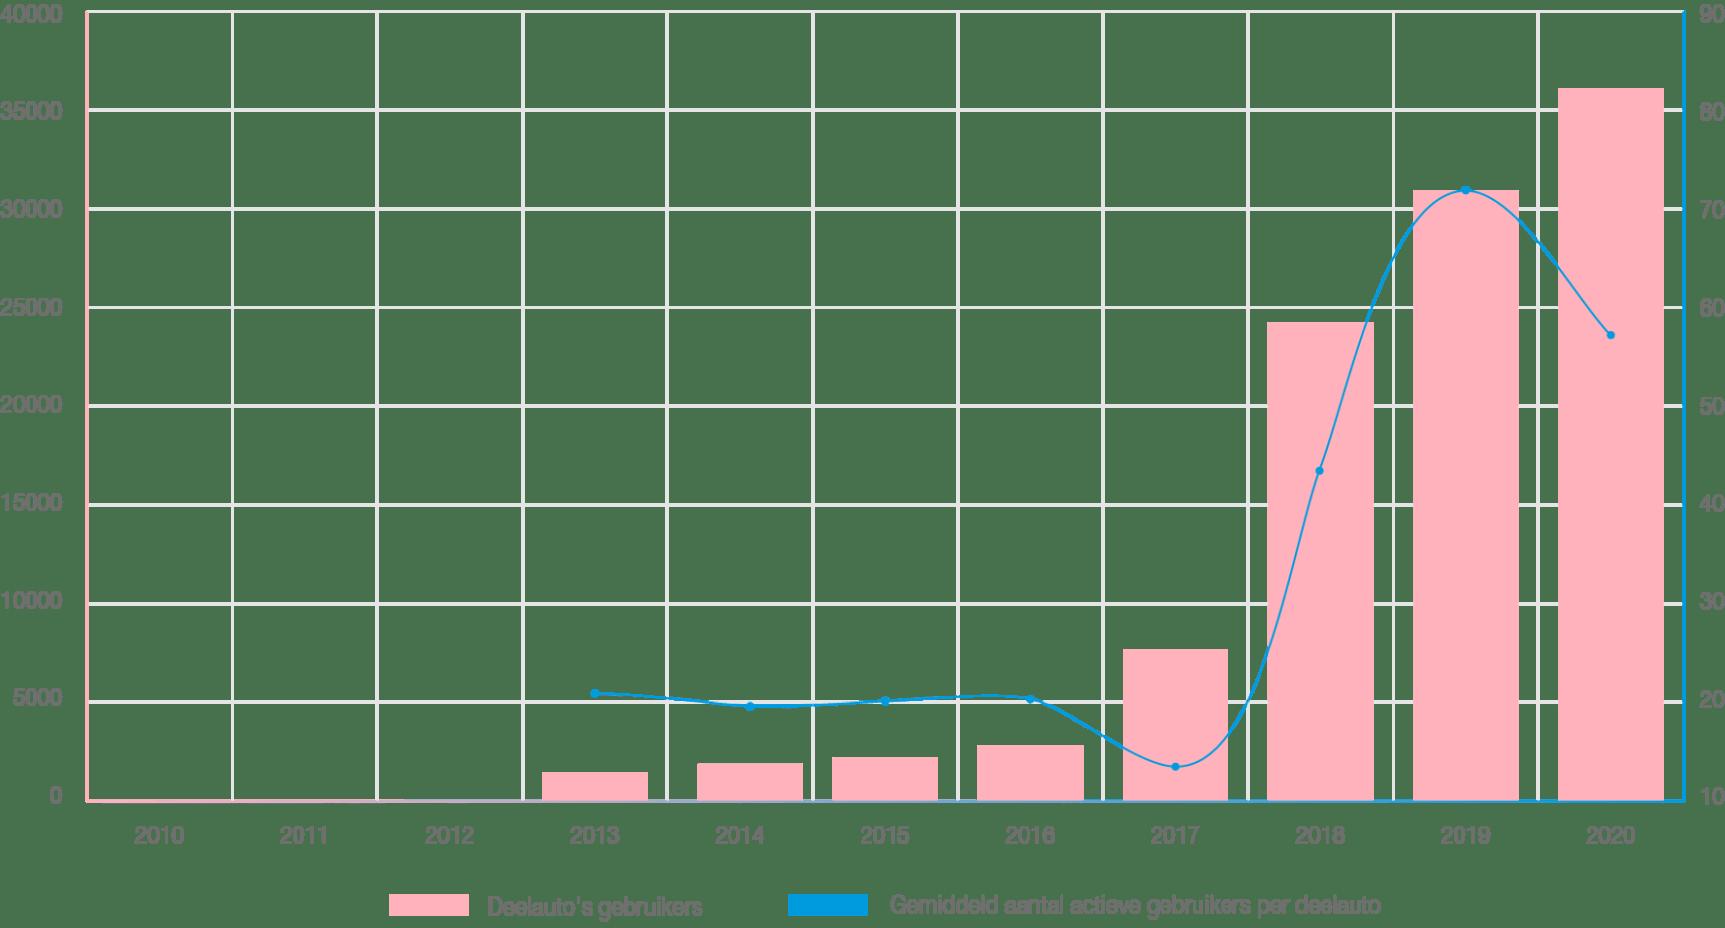 grafiek-deelautos-v3.png